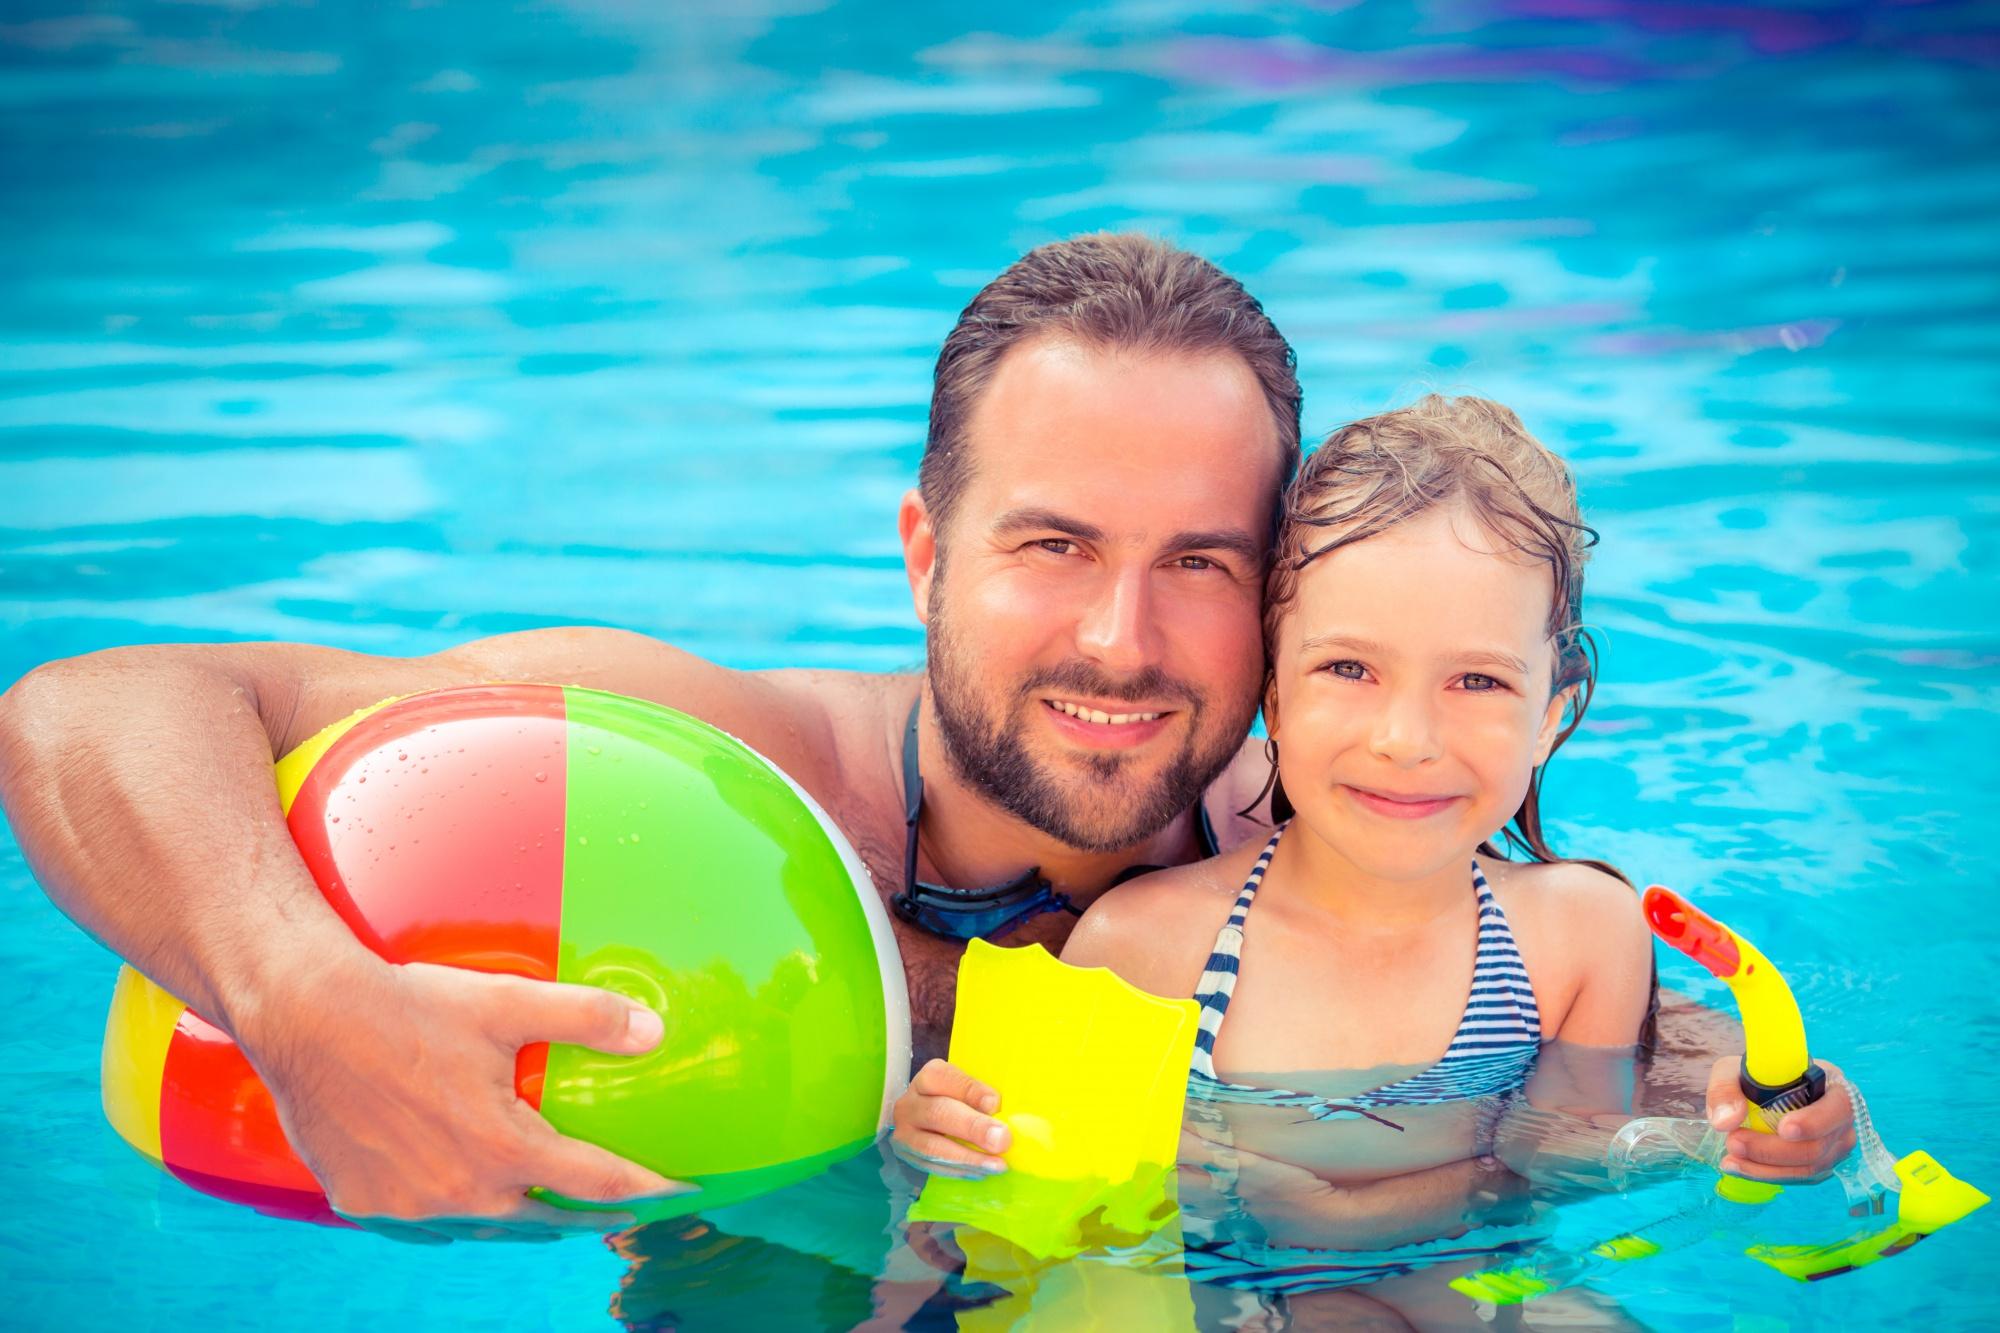 Offerta luglio hotel 3 stelle milano marittima con piscina - Hotel con piscina milano ...